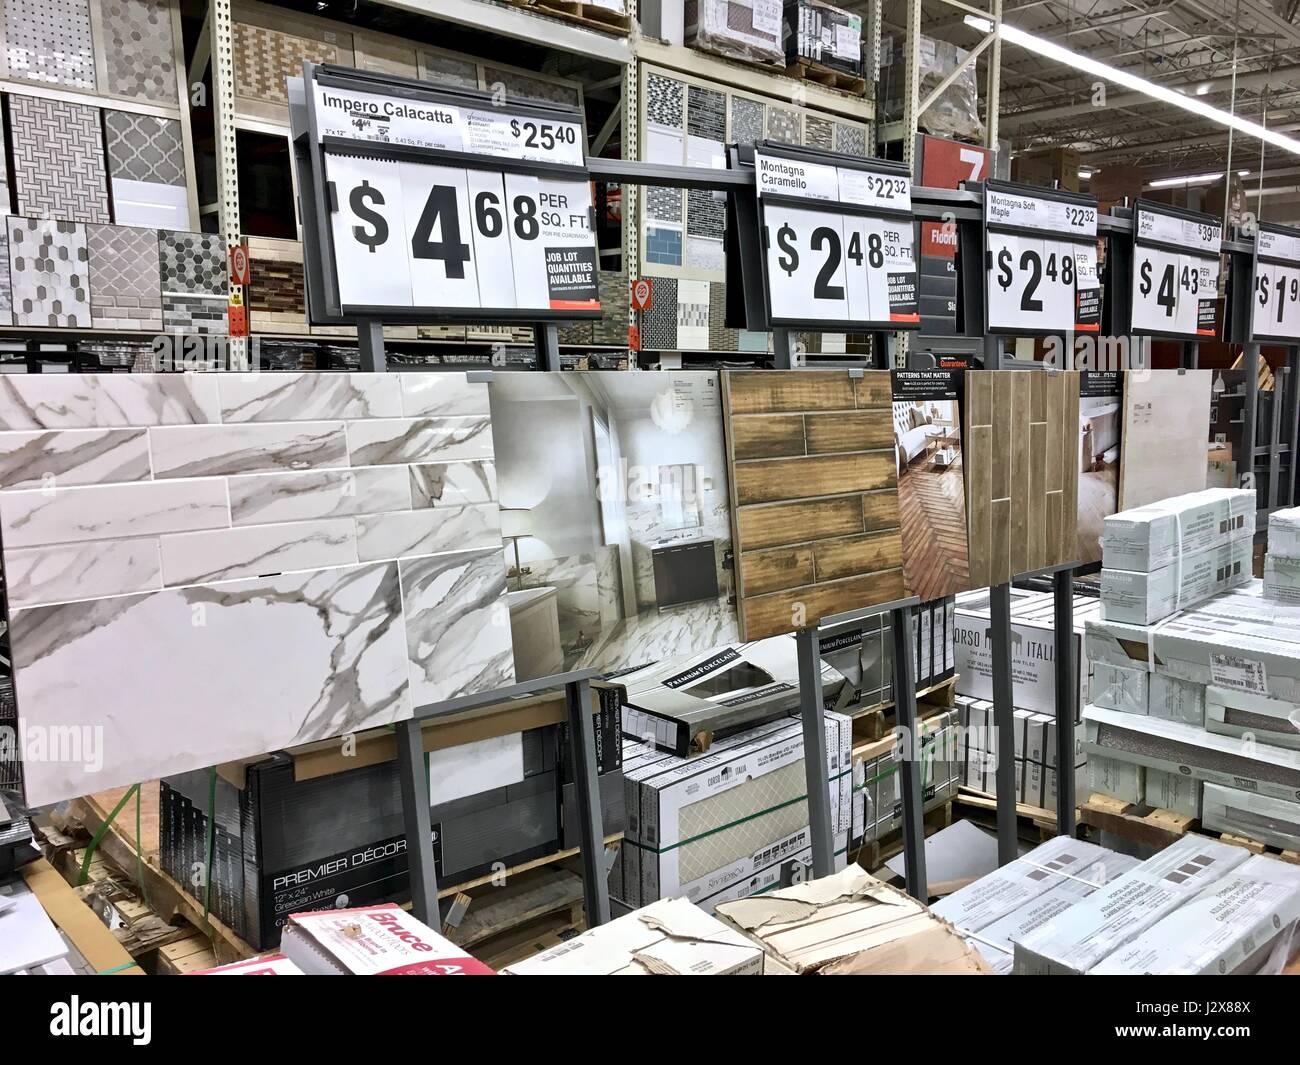 Die Home Depot Bodenbelag Auswahl Fliesen, Hartholz, Laminat Und  Linoleum Boden Preise Anzeigen